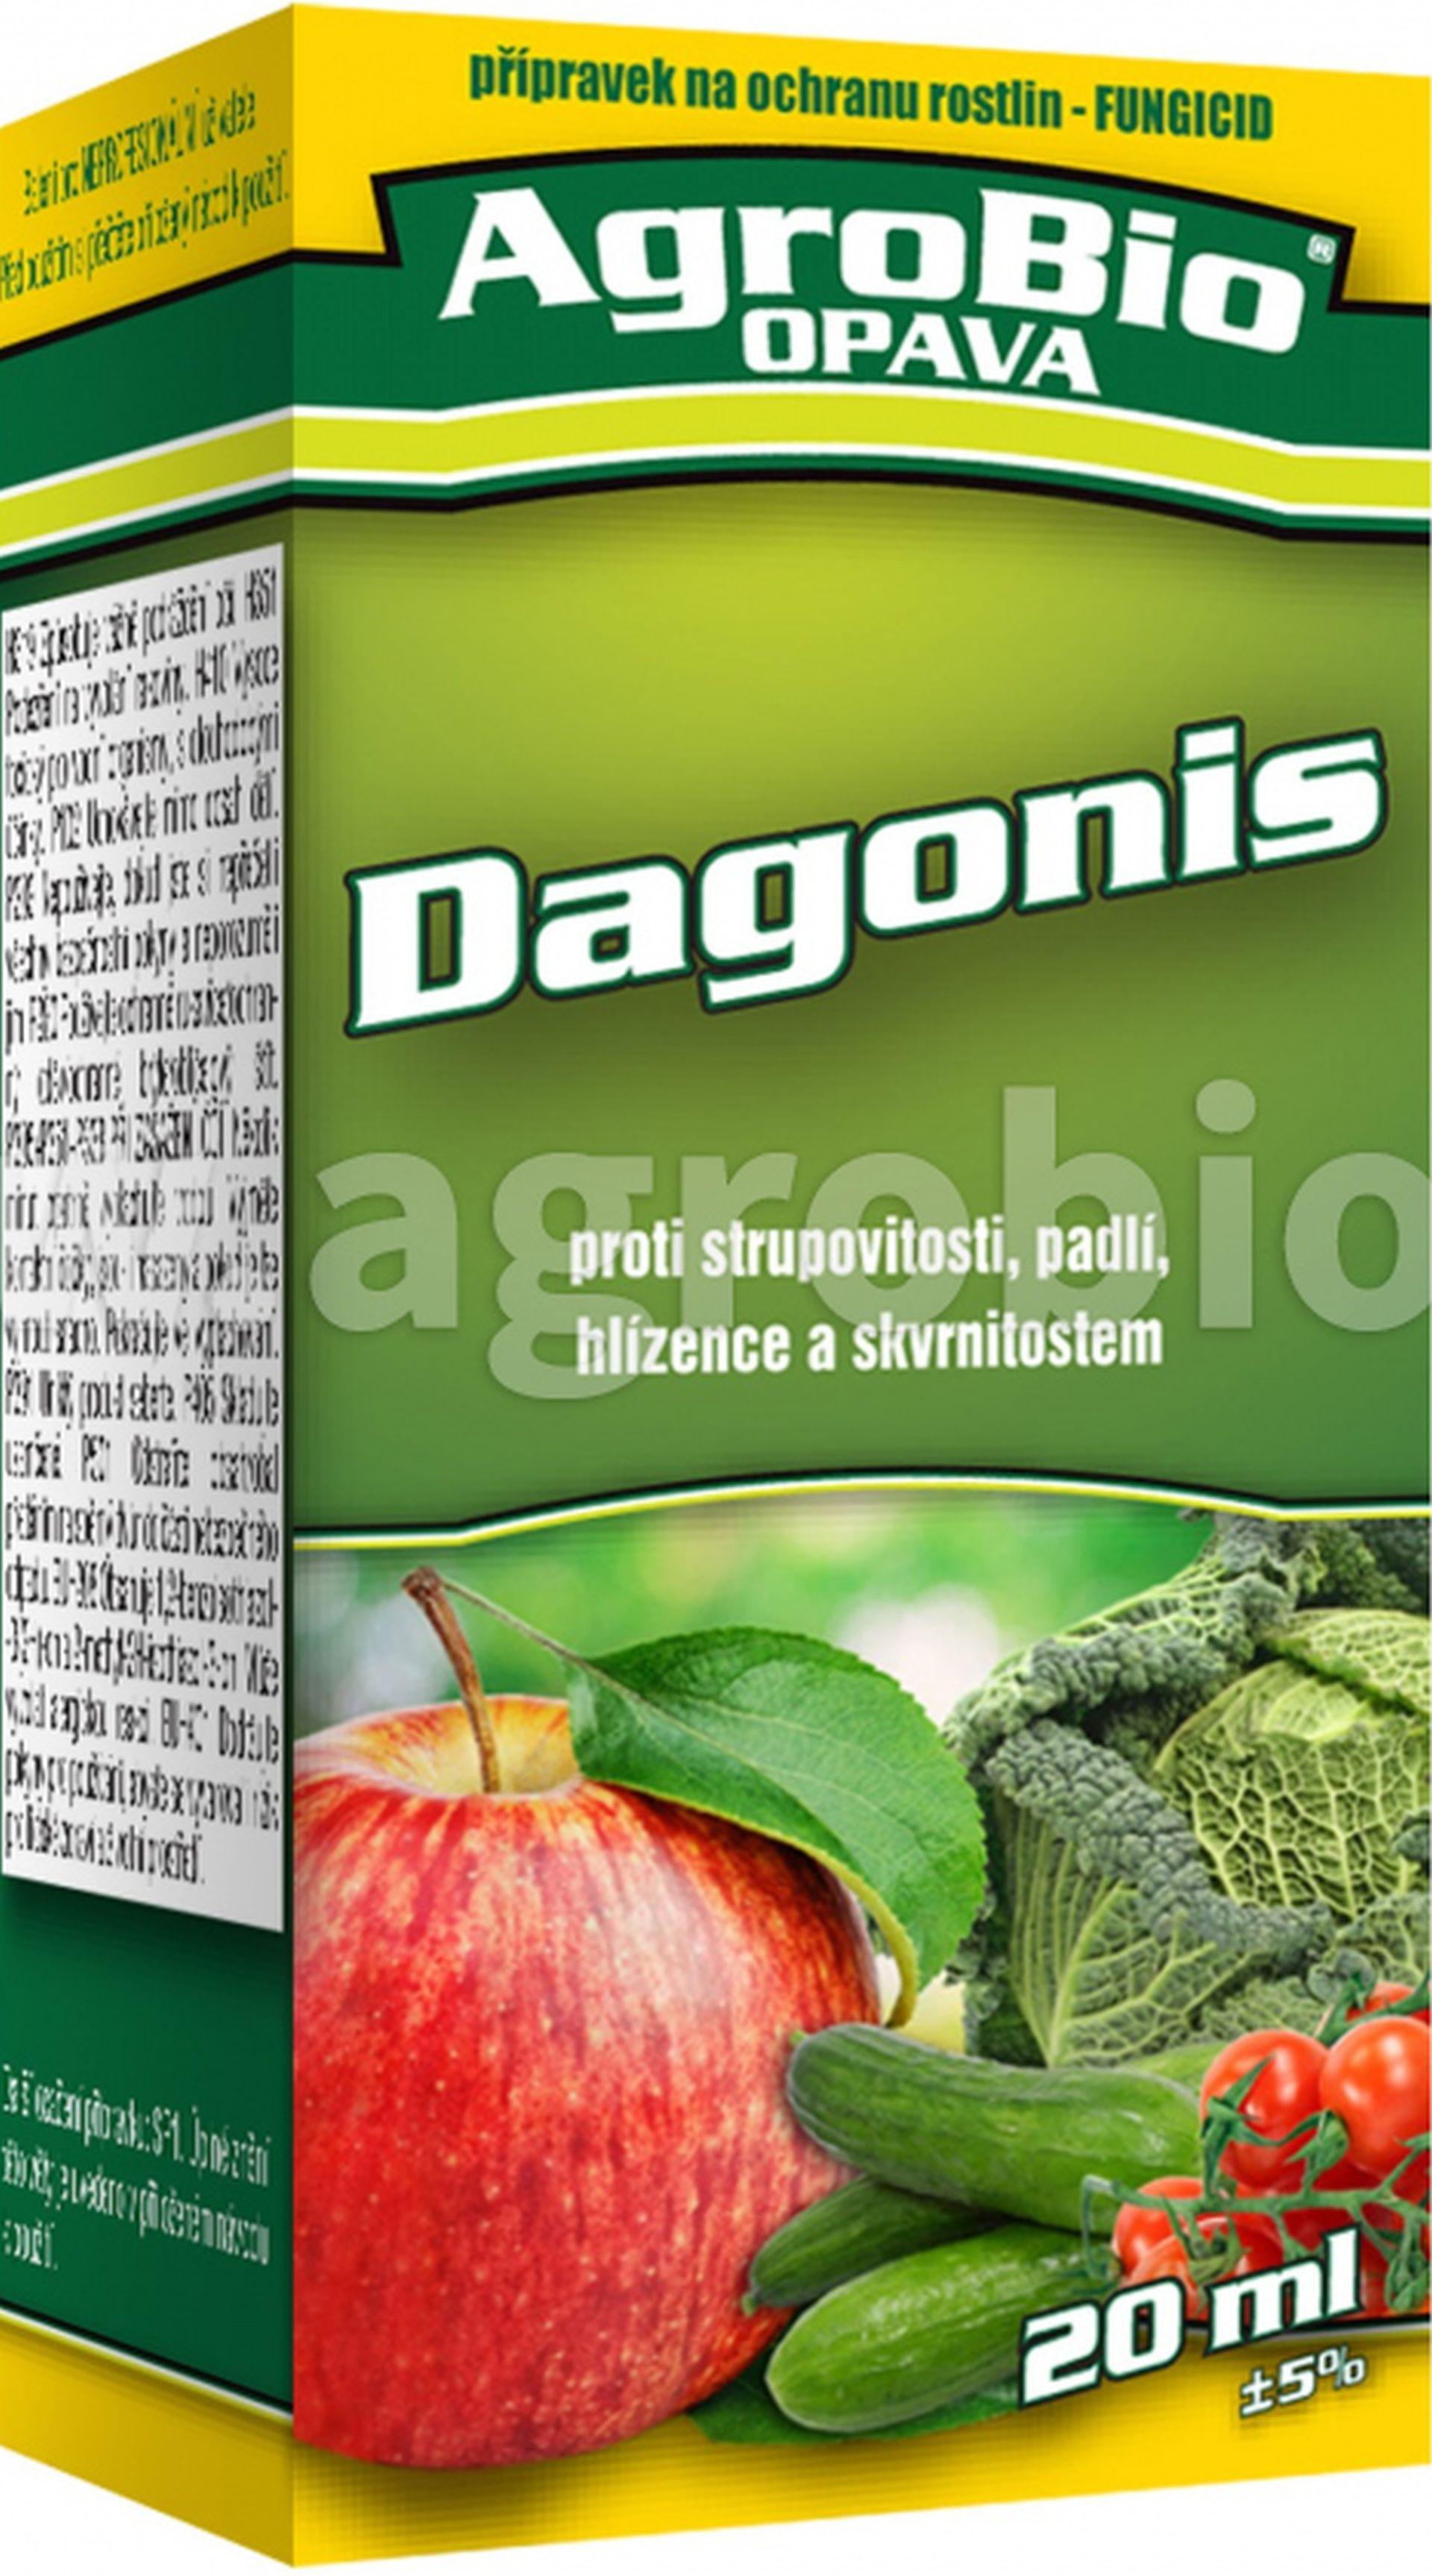 AgroBio DAGONIS Fungicidní přípravek k ochraně ovoce a zeleniny, 20ml 003294